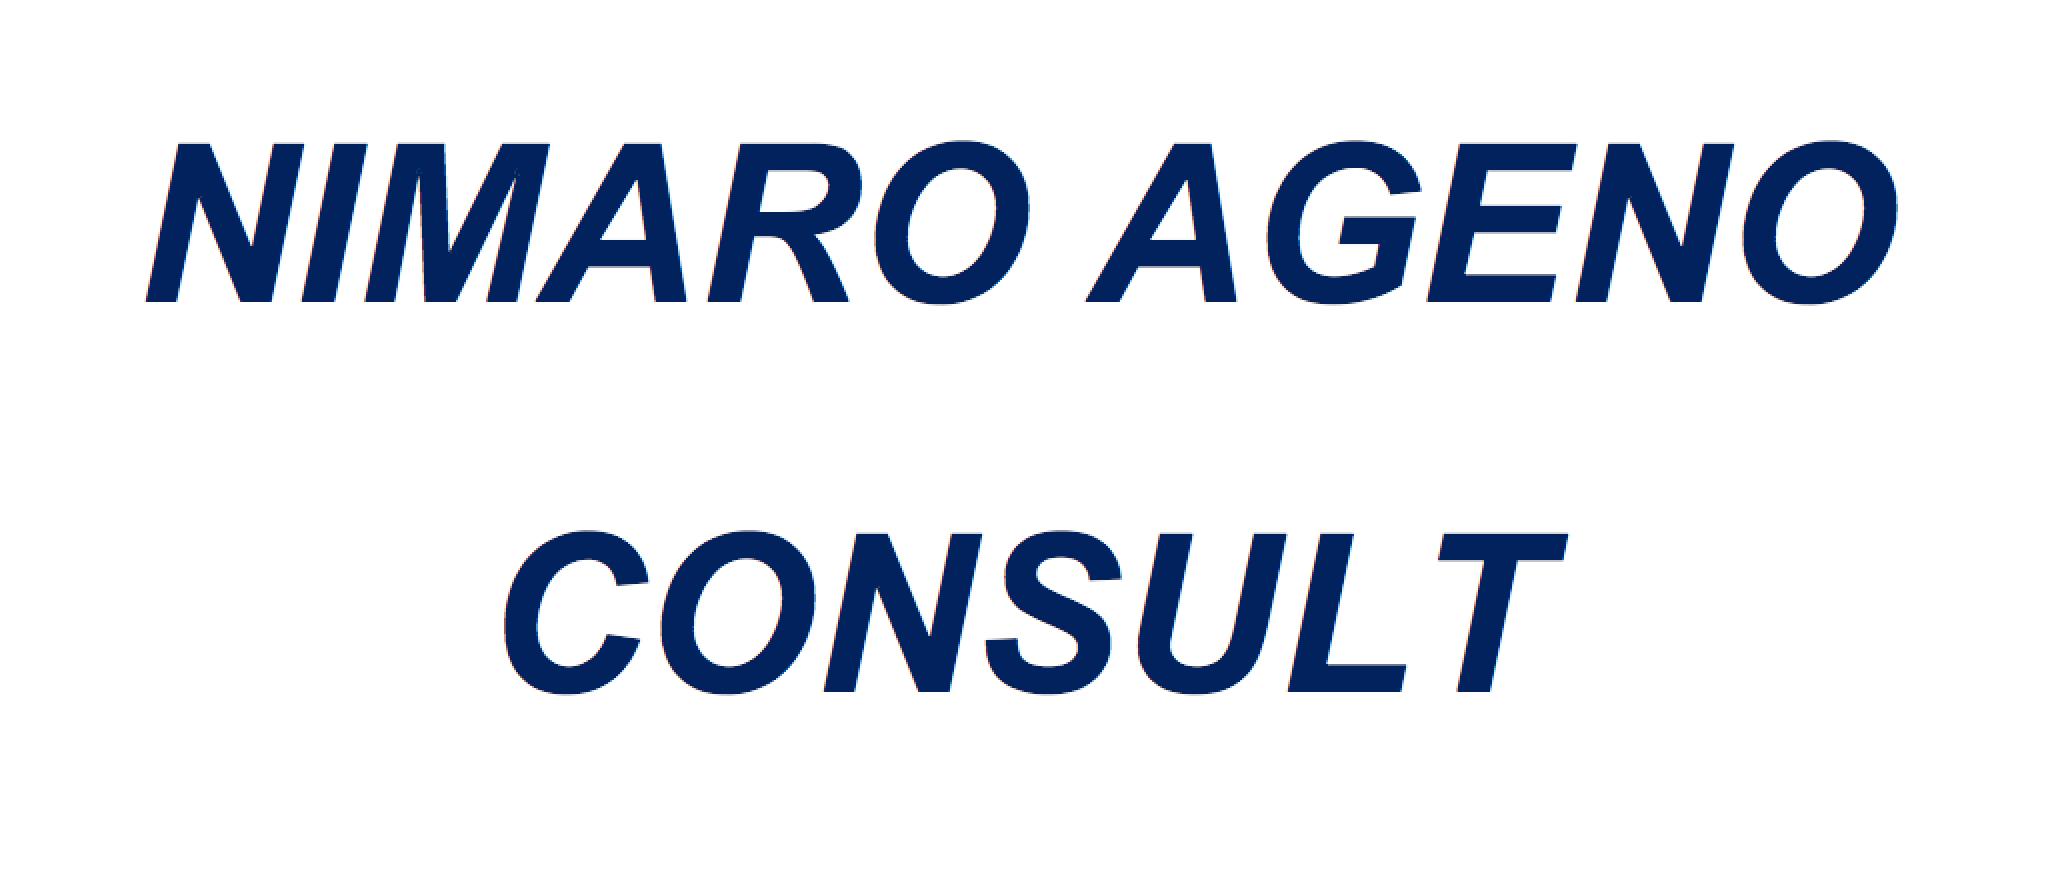 Nimaro Ageno Consult